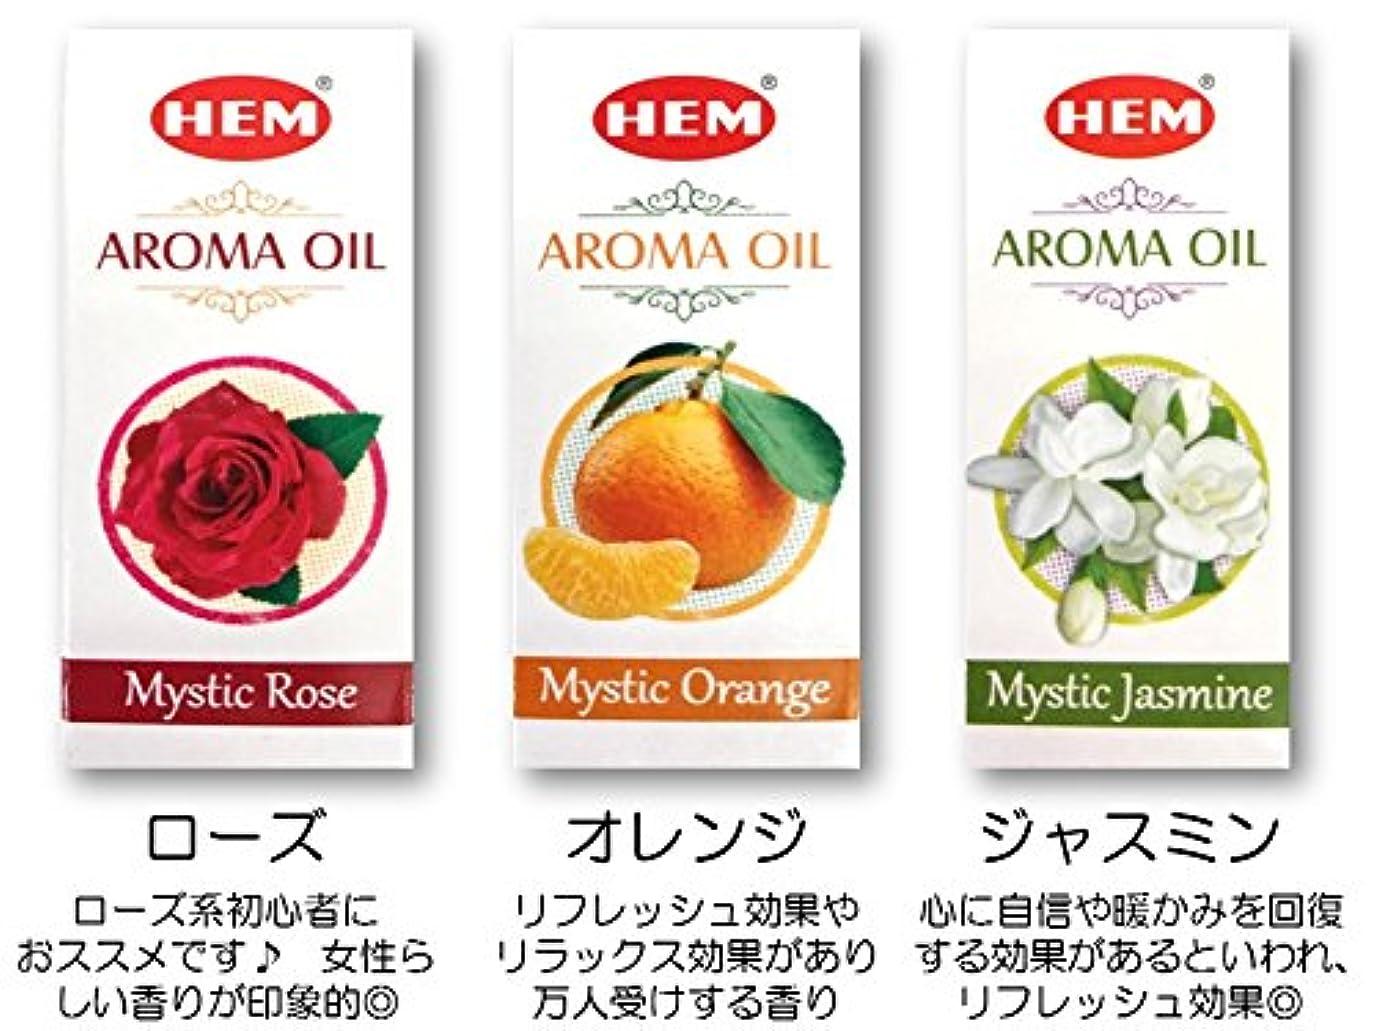 いま幻想捧げるHEM(ヘム) アロマオイル 3本セット /ローズ?オレンジ?ジャスミン/ルームフレグランス用